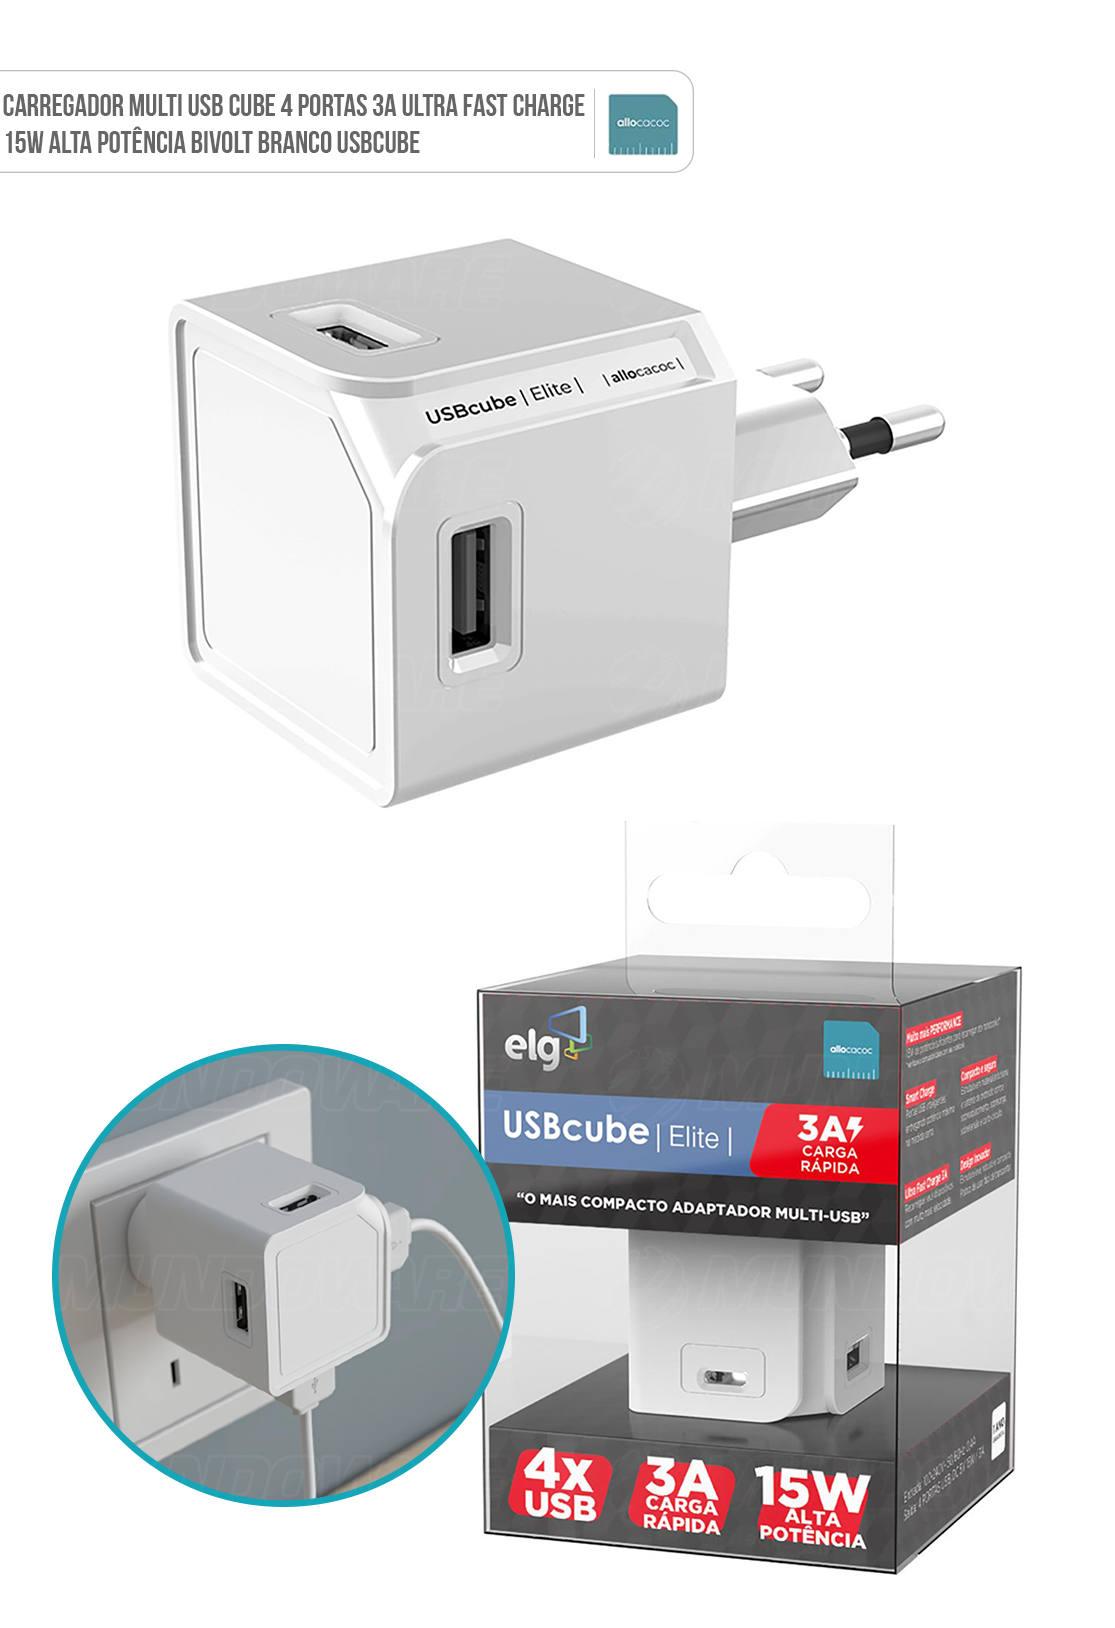 Carregador Multi USB Cube 4 Portas 3A Ultra Fast Charge 15W Alta Potência Bivolt Branco USBCube